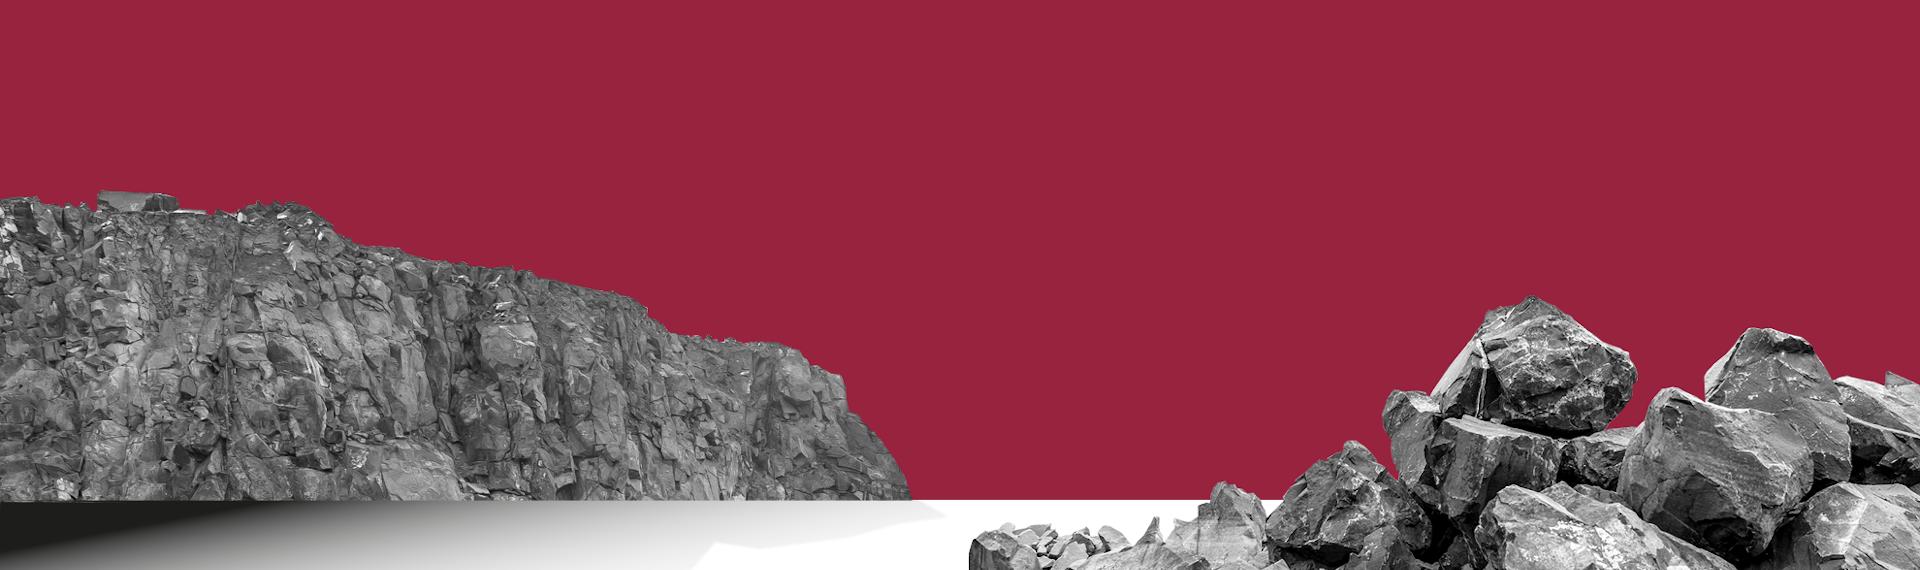 kırmızı arka plan üzerinde kayalar